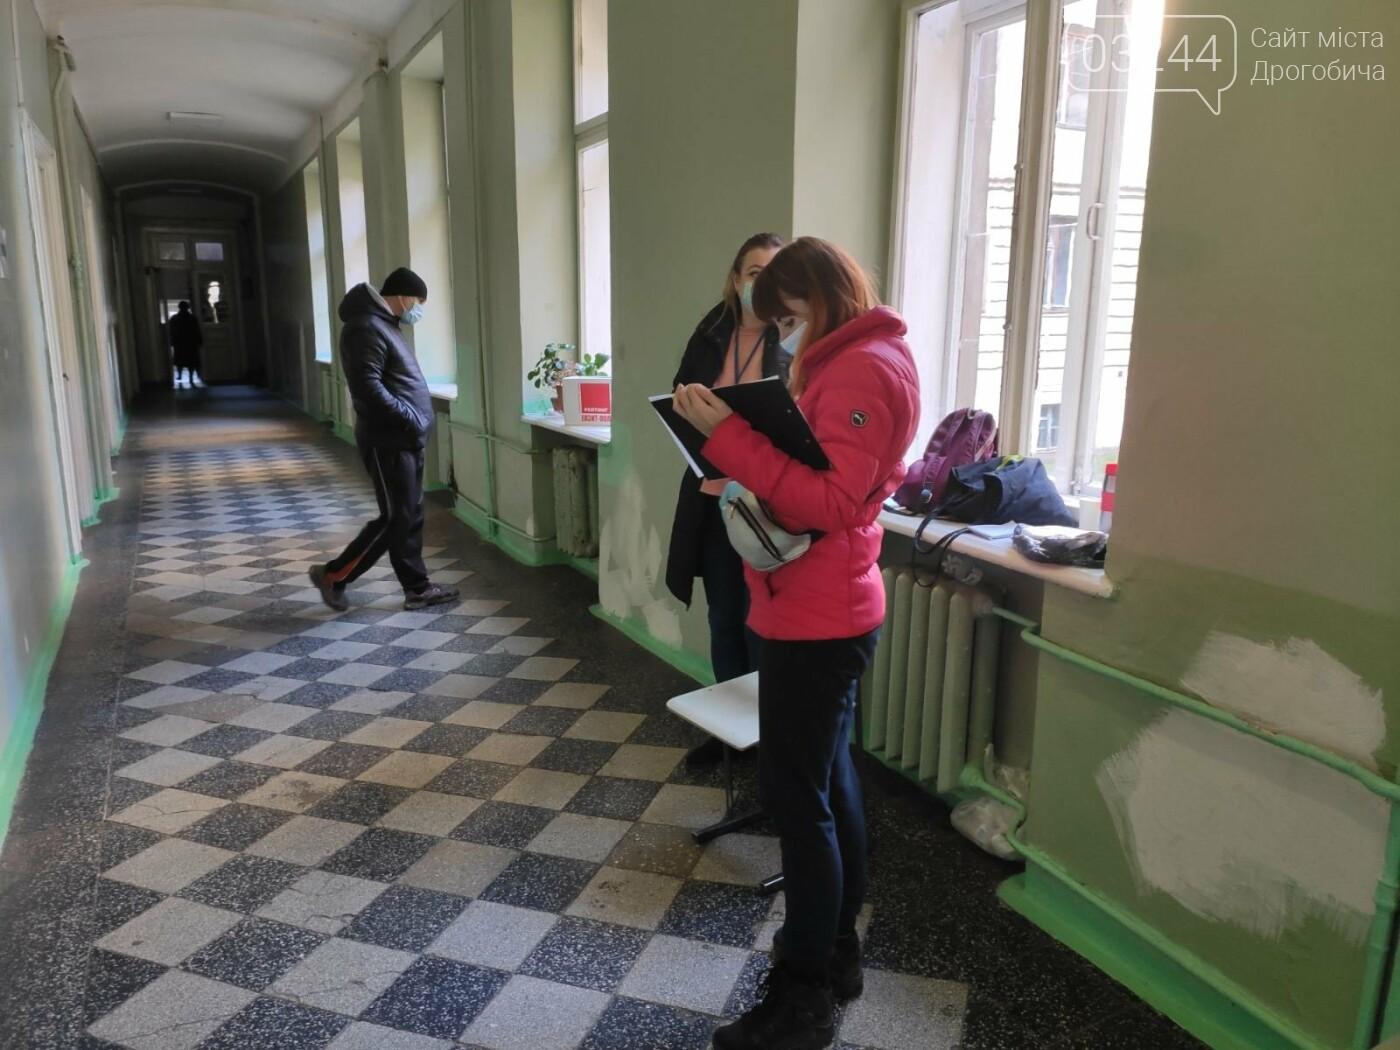 Соціологічна група «Рейтинг» вдруге у Дрогобичі проводить екзит-пол на виборах, - ФОТО, фото-3